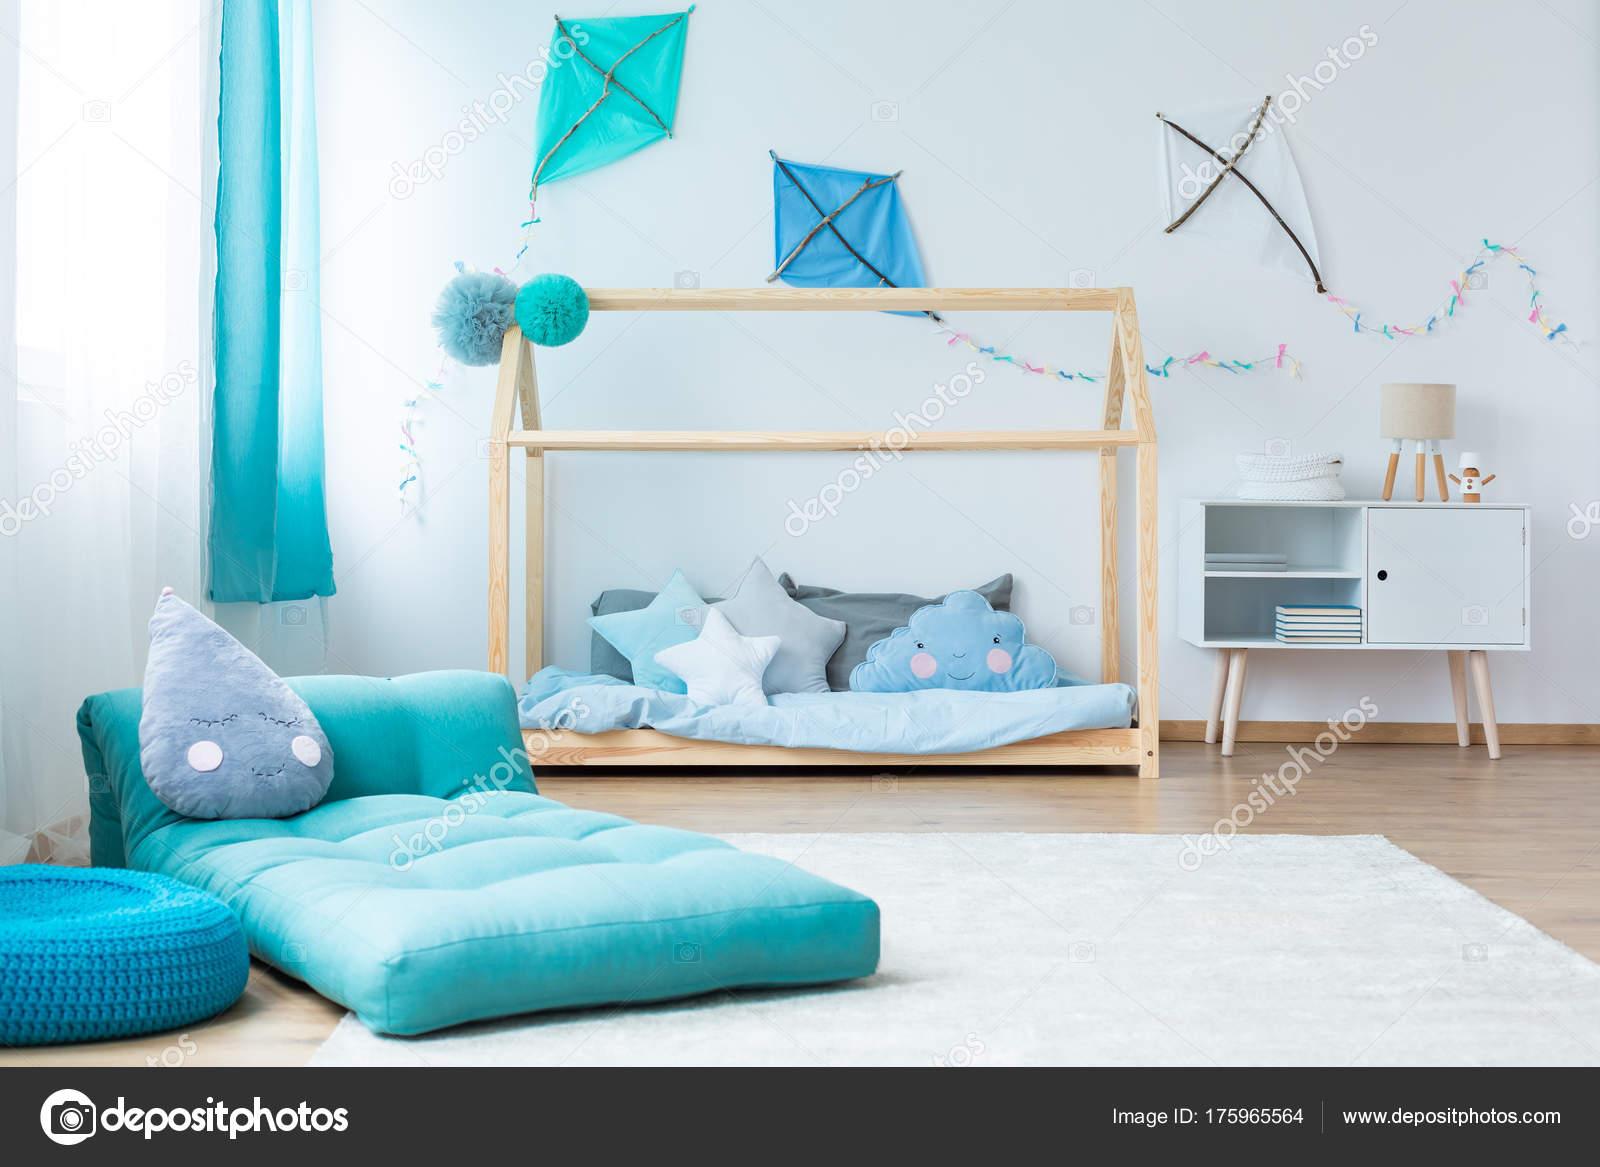 De slaapkamer van kind met matras blauw — Stockfoto © photographee ...